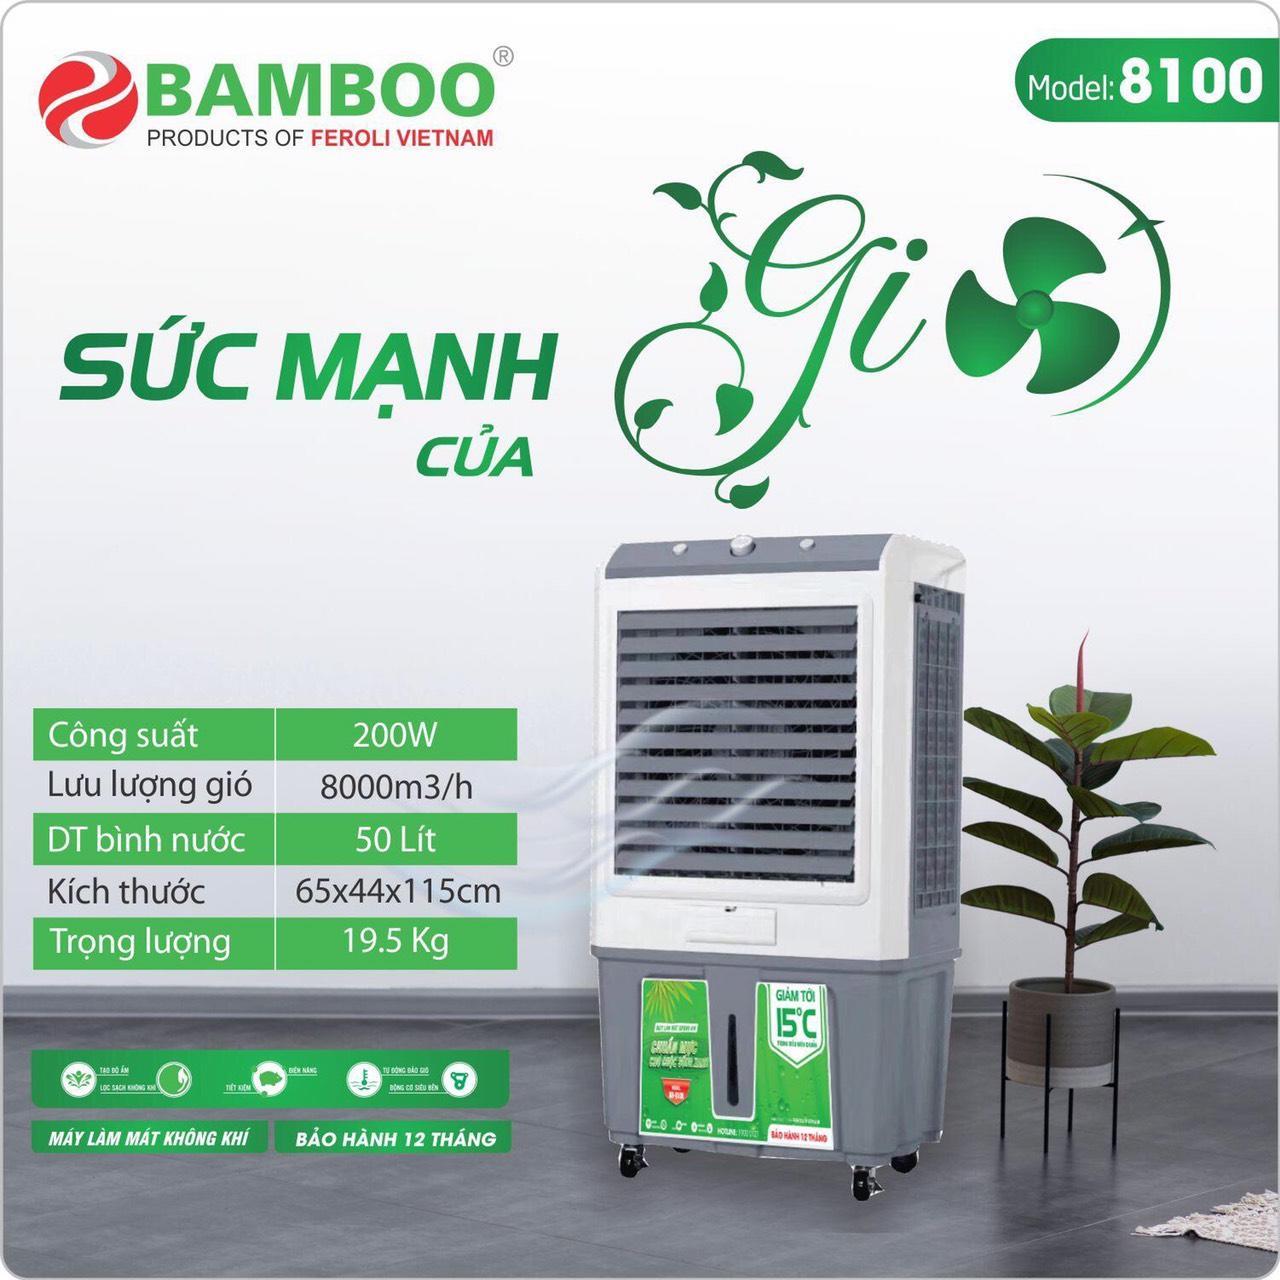 Quạt điều hòa Bamboo RO BB8100